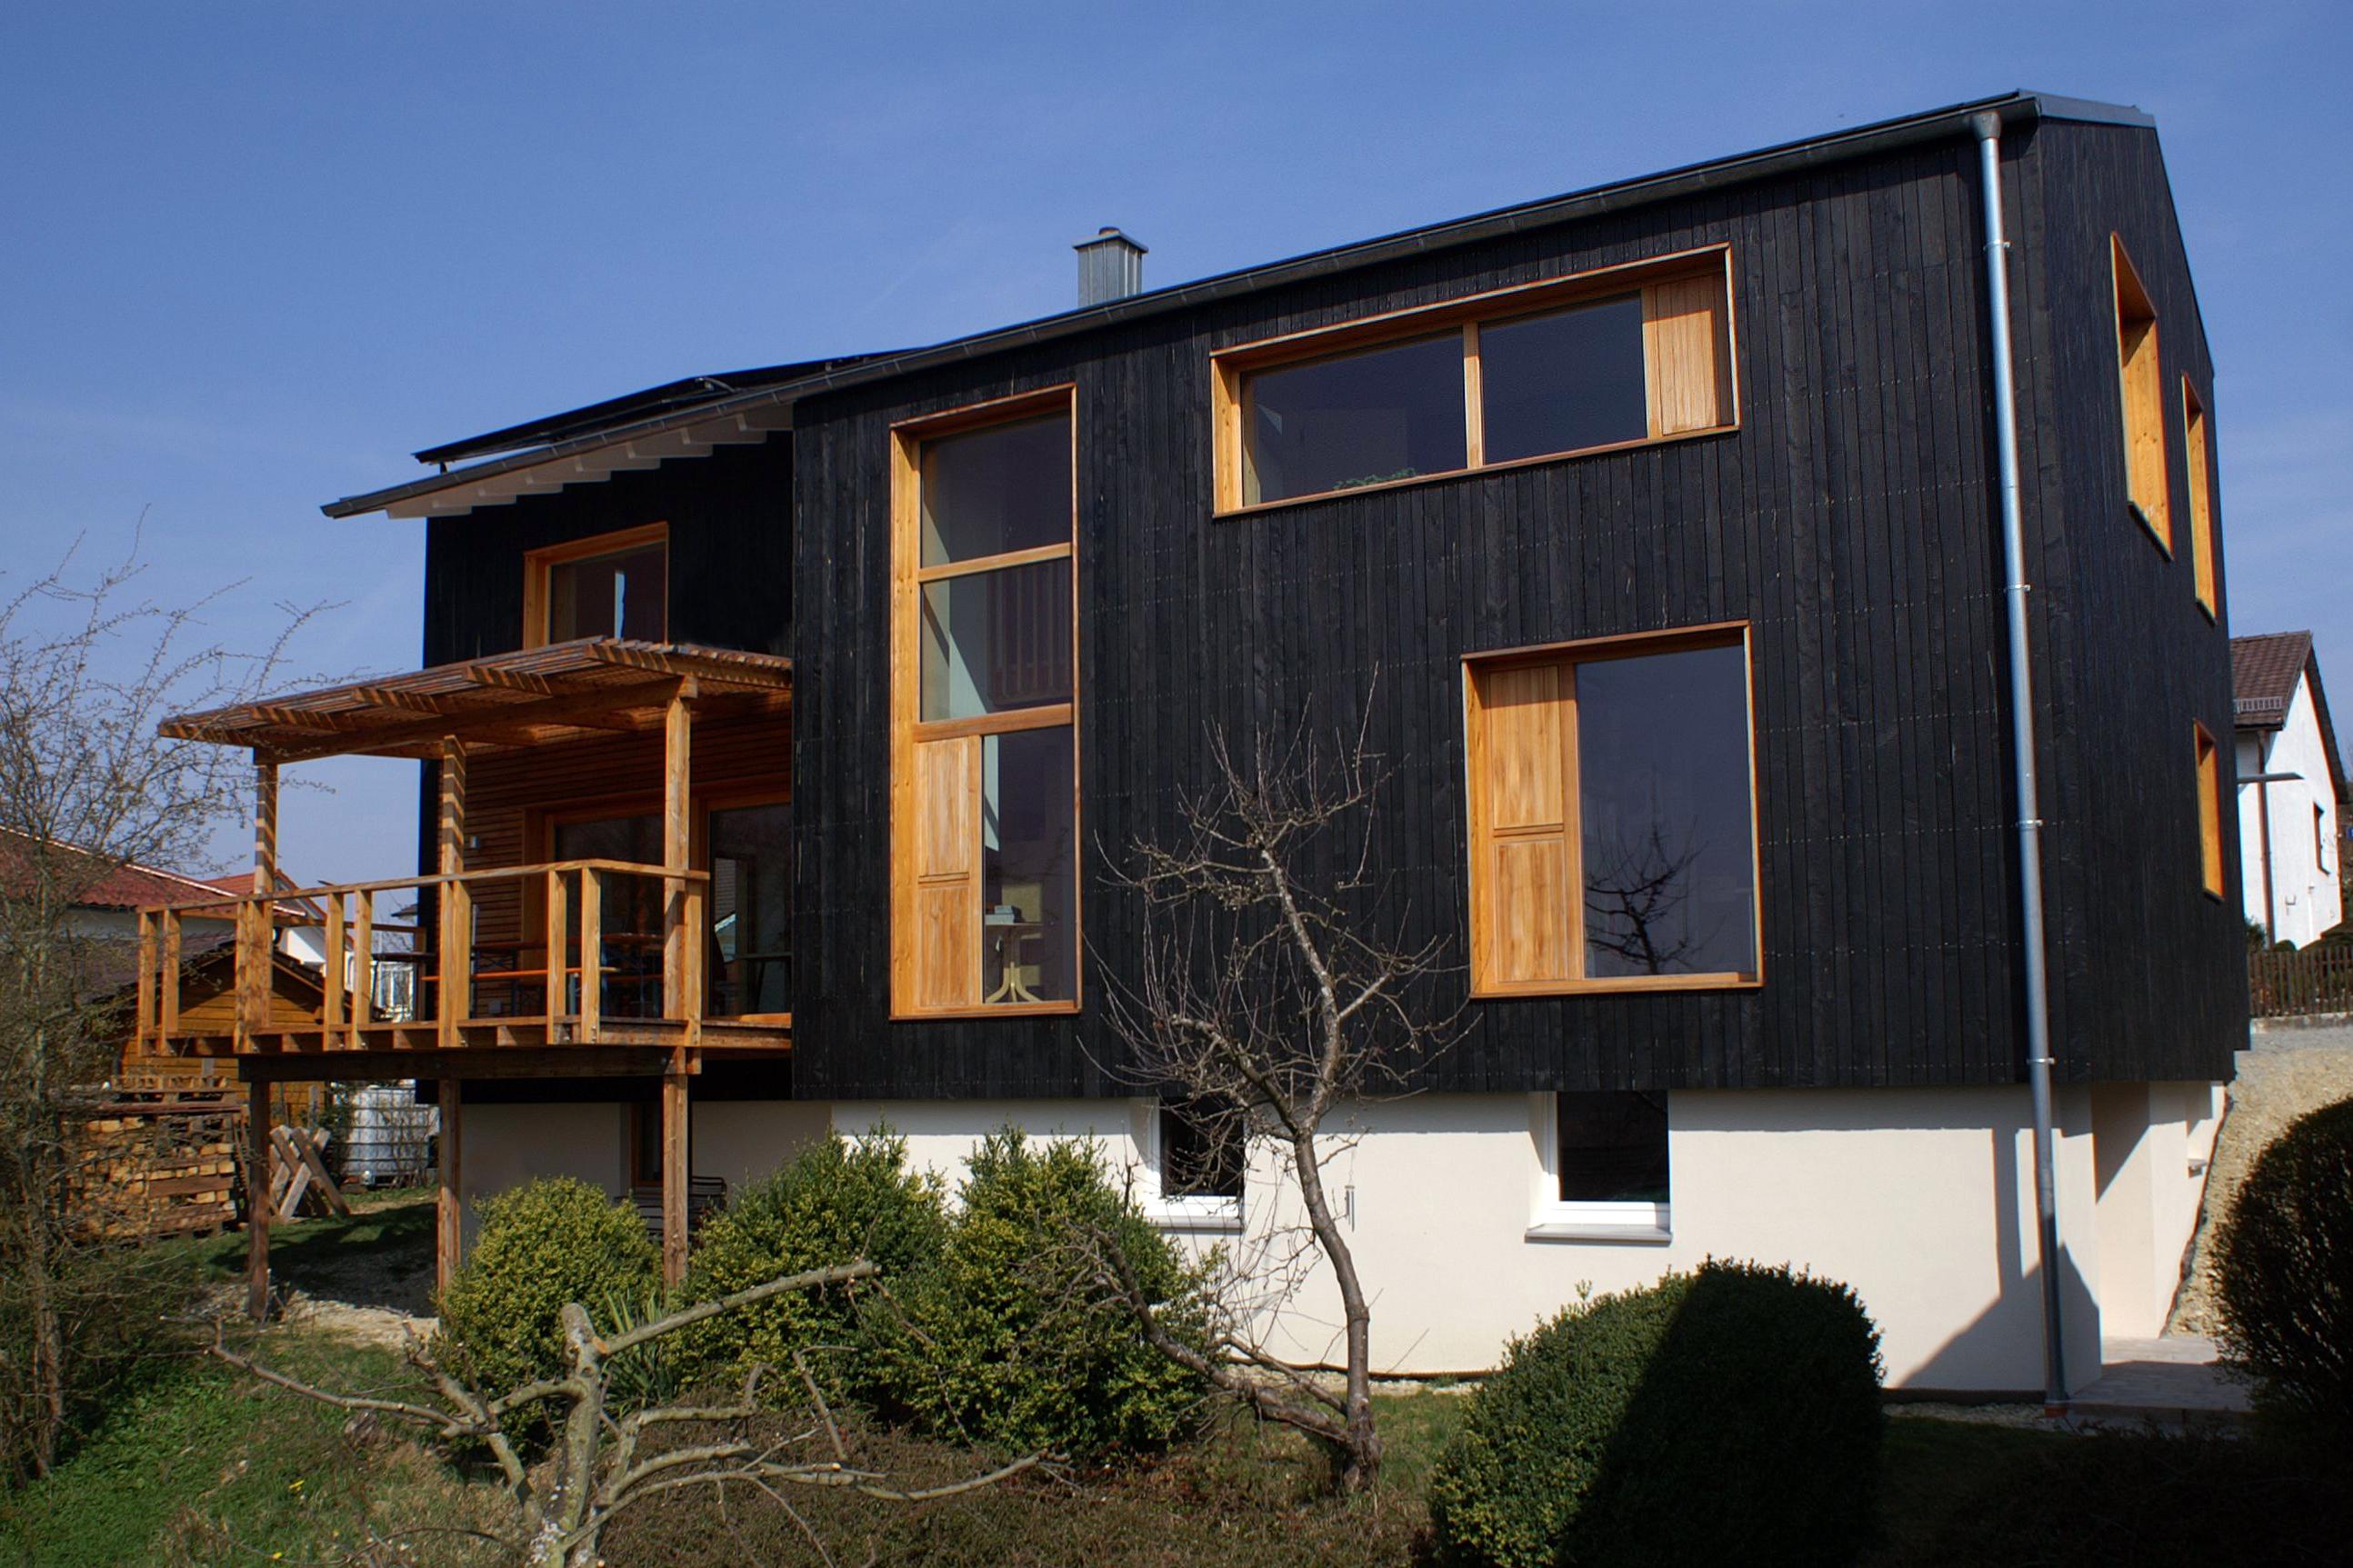 energetische sanierung und erweiterung eines einfamilienhauses sanierungspreis 17. Black Bedroom Furniture Sets. Home Design Ideas